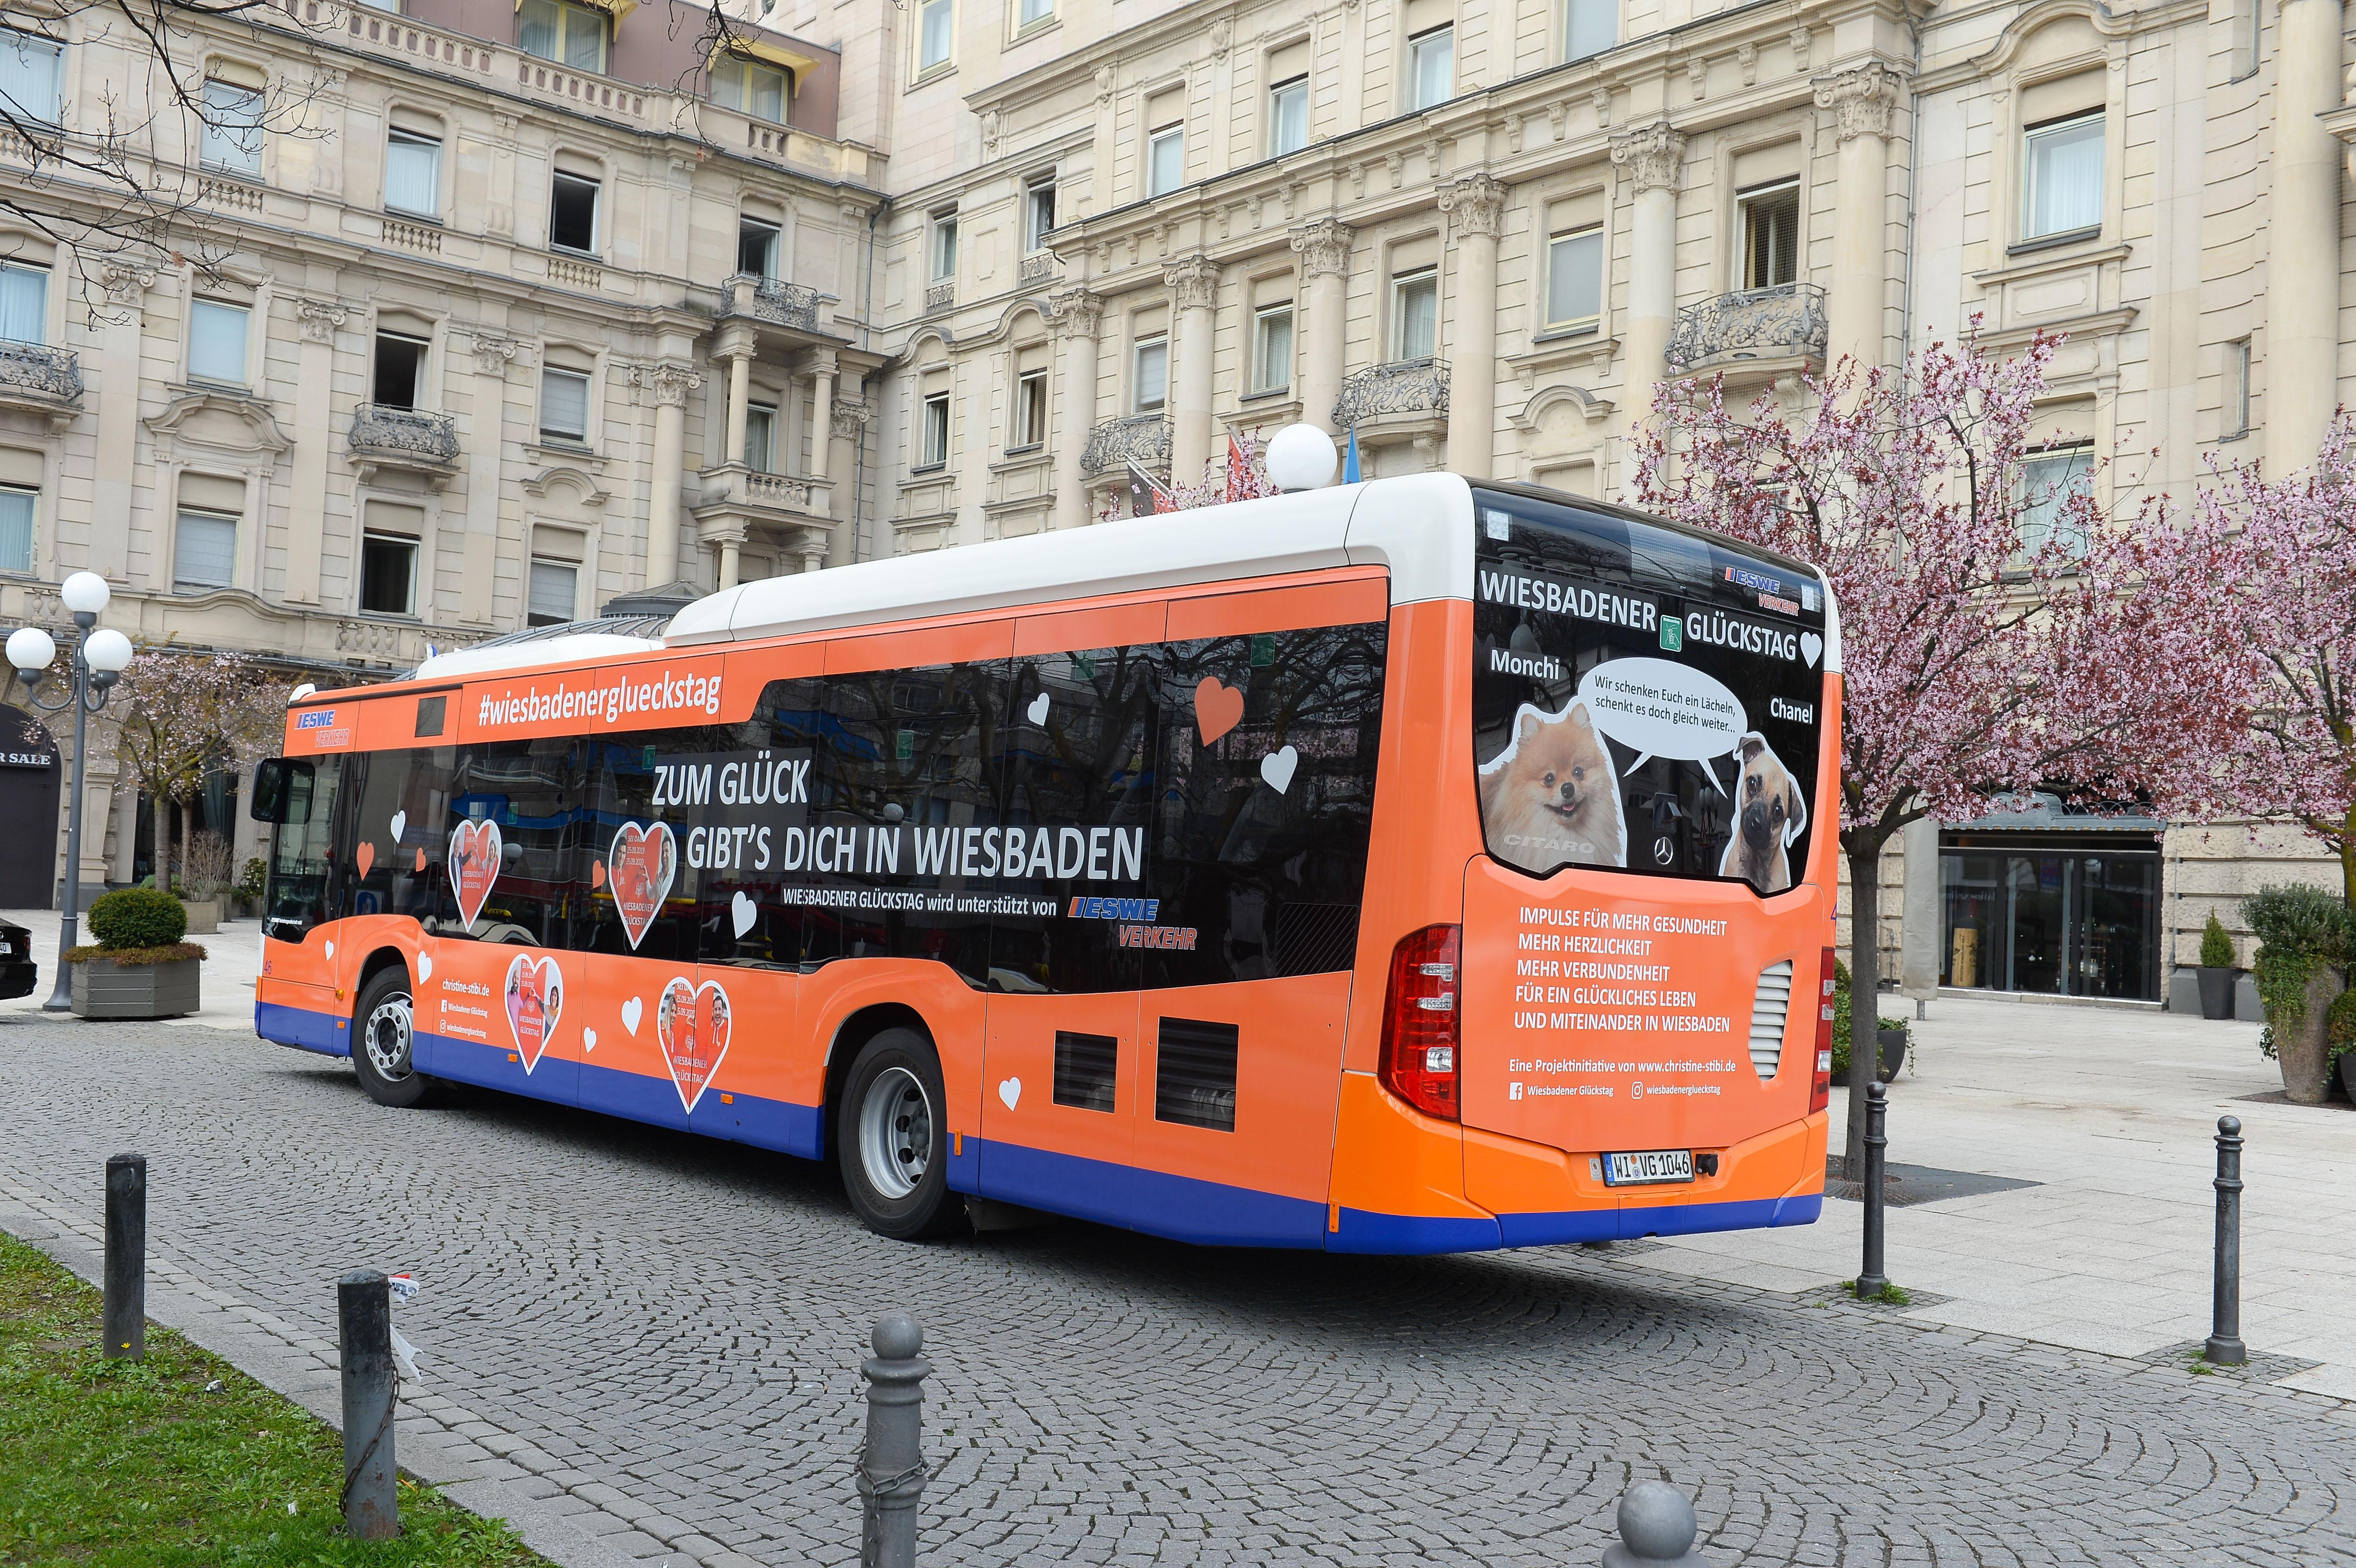 """Der GLÜCKSTAG BUS… er rollt und rollt. Schenkt täglich viele Lächeln in Wiesbaden"""" Foto: P. Müller"""